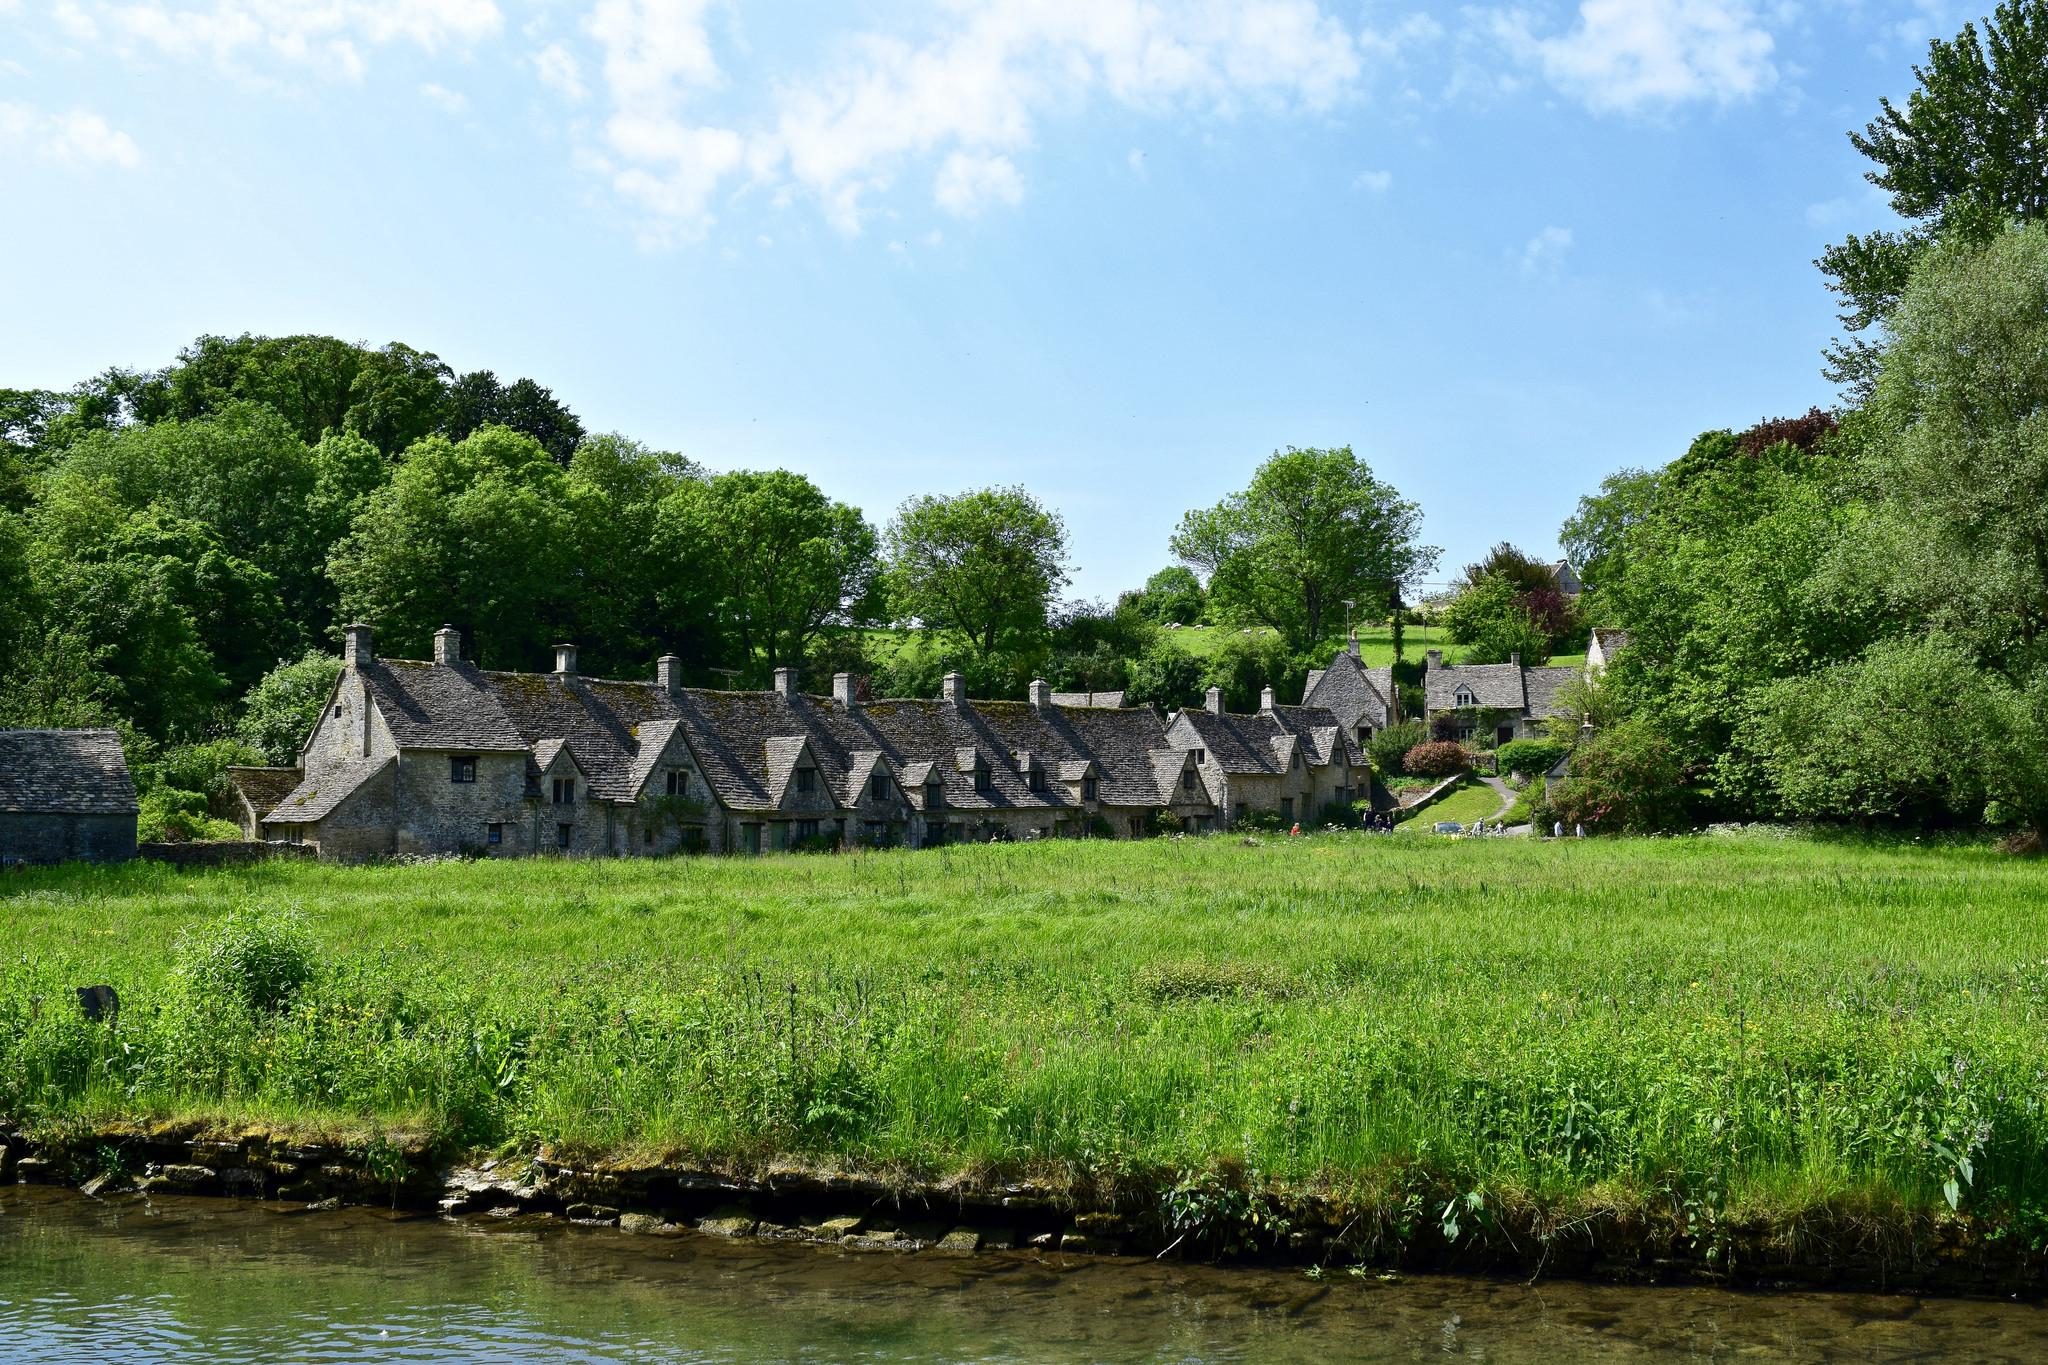 Old Weavers' Homes in Bibury